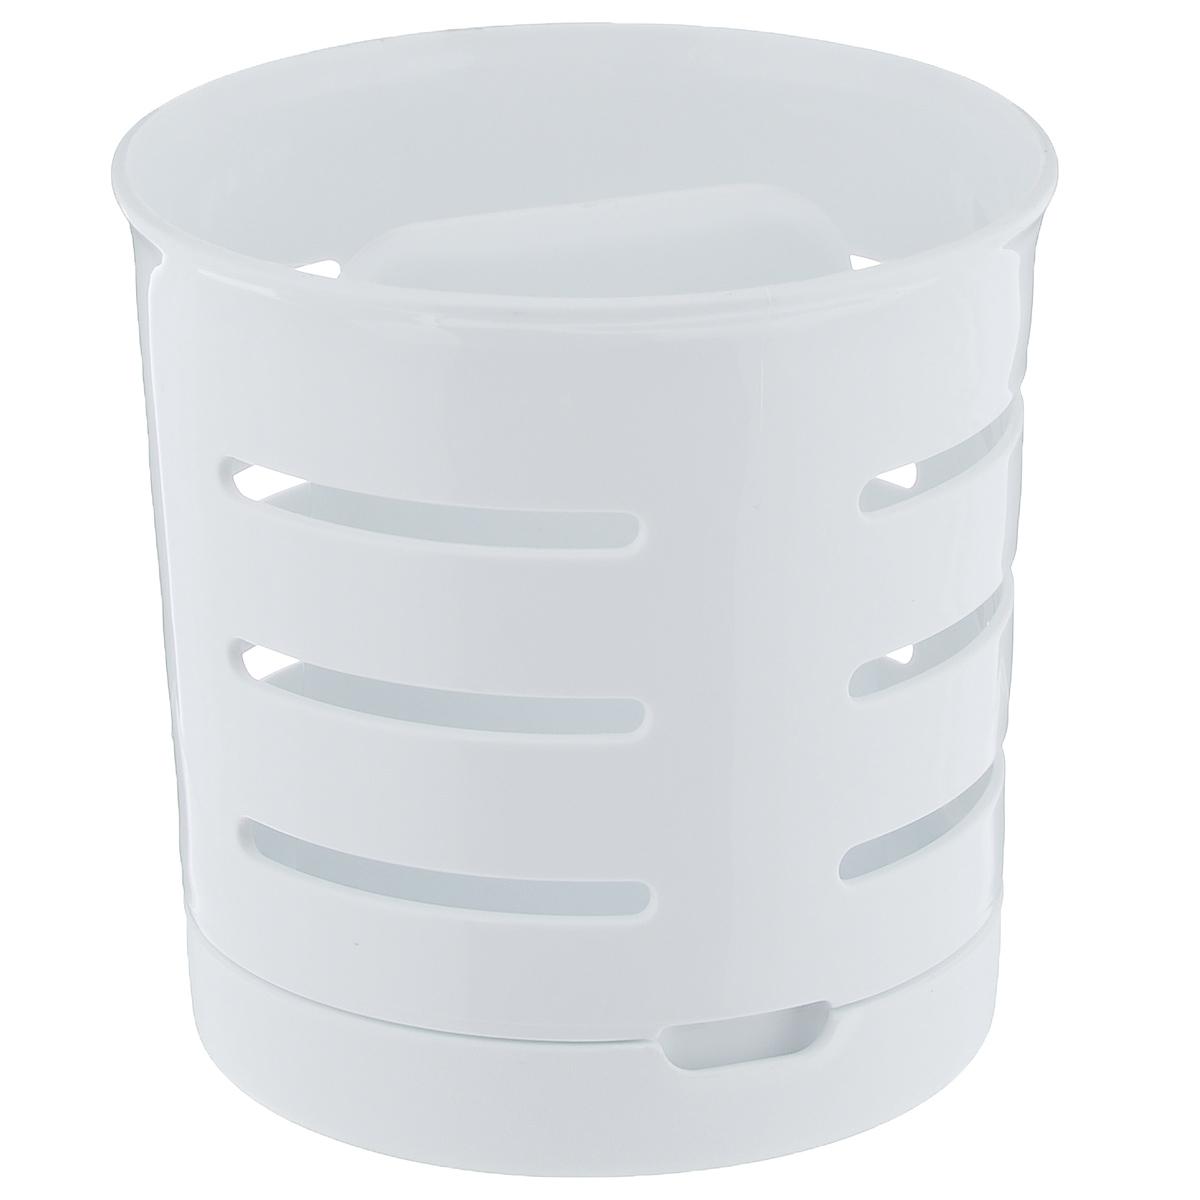 Сушилка для столовых приборов Curver420816Сушилка для столовых приборов Curver изготовлена из прочного пластика. Стенки изделия оформлены перфорацией. Сушилка снабжена поддоном, куда стекает вода. Изделие идеально подходит для хранения столовых приборов.